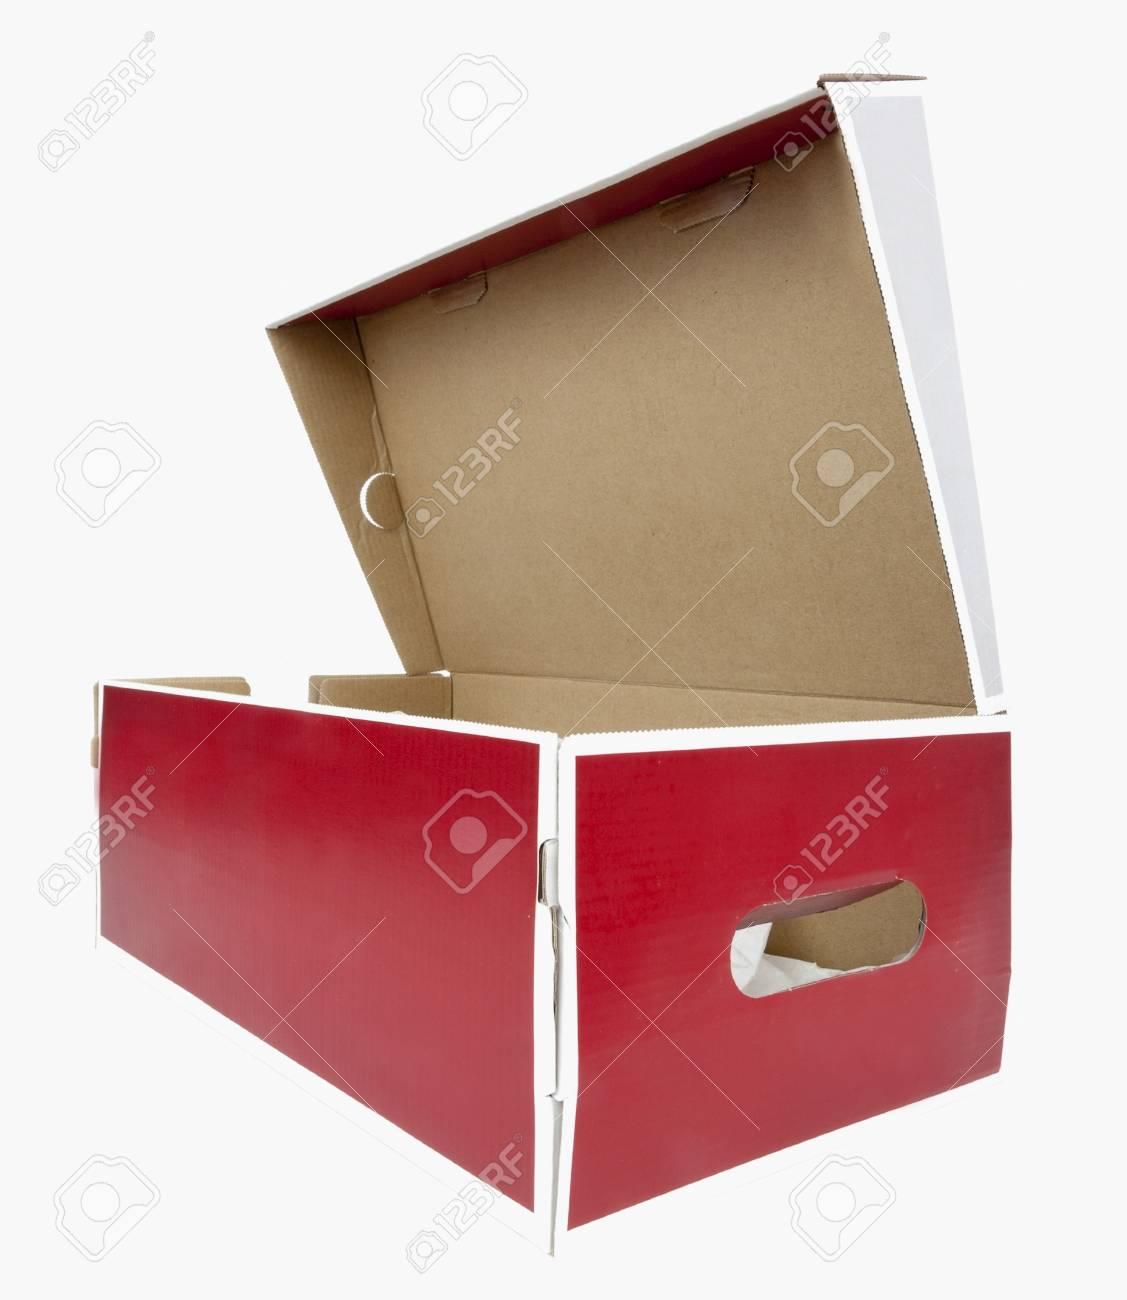 Boîte Et Chaussures OuverteIsolé Latérale Blanche À Rouge Frontale Vue La De vw0PymON8n